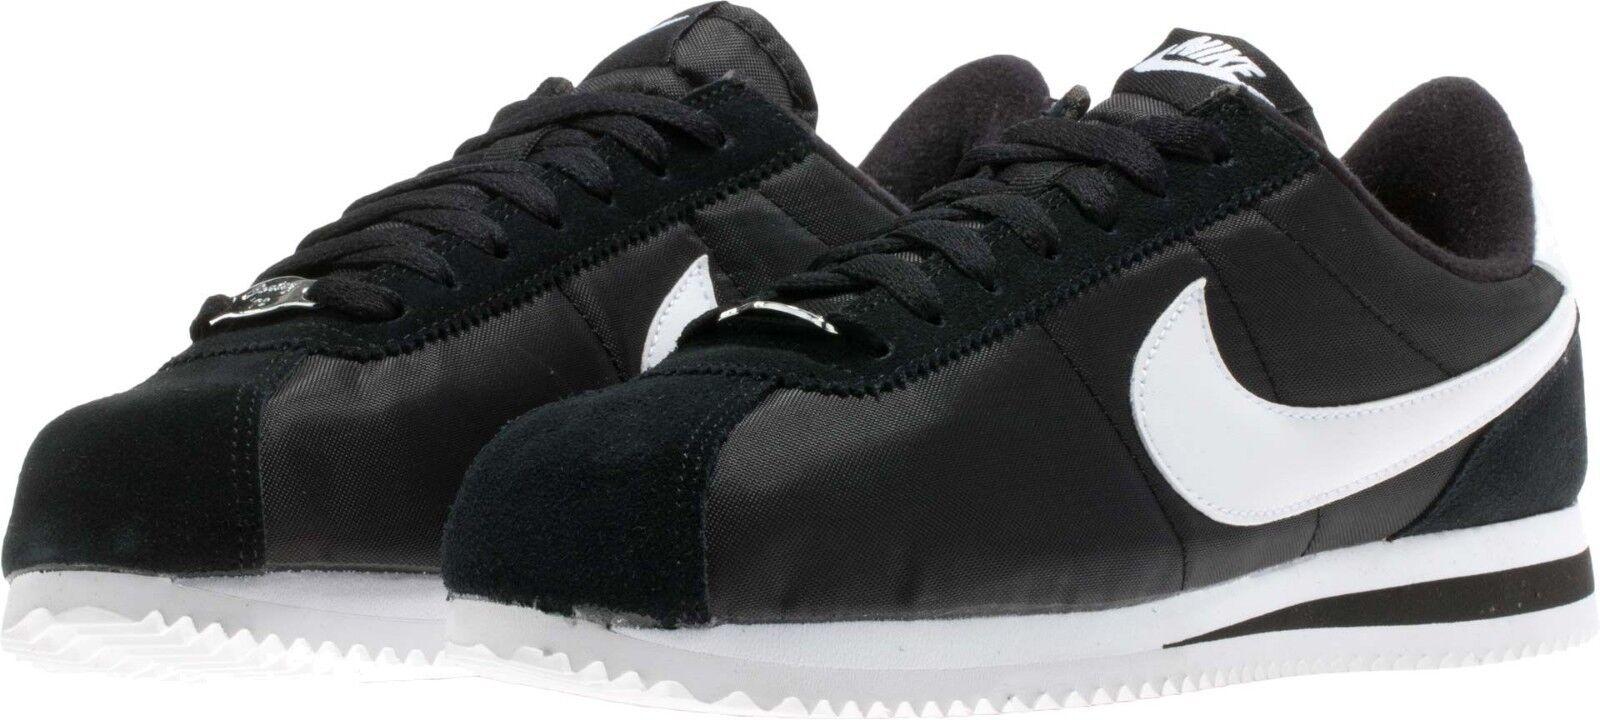 819720-011 nike cortez di nylon nero / bianco - scarpe casual da pennino